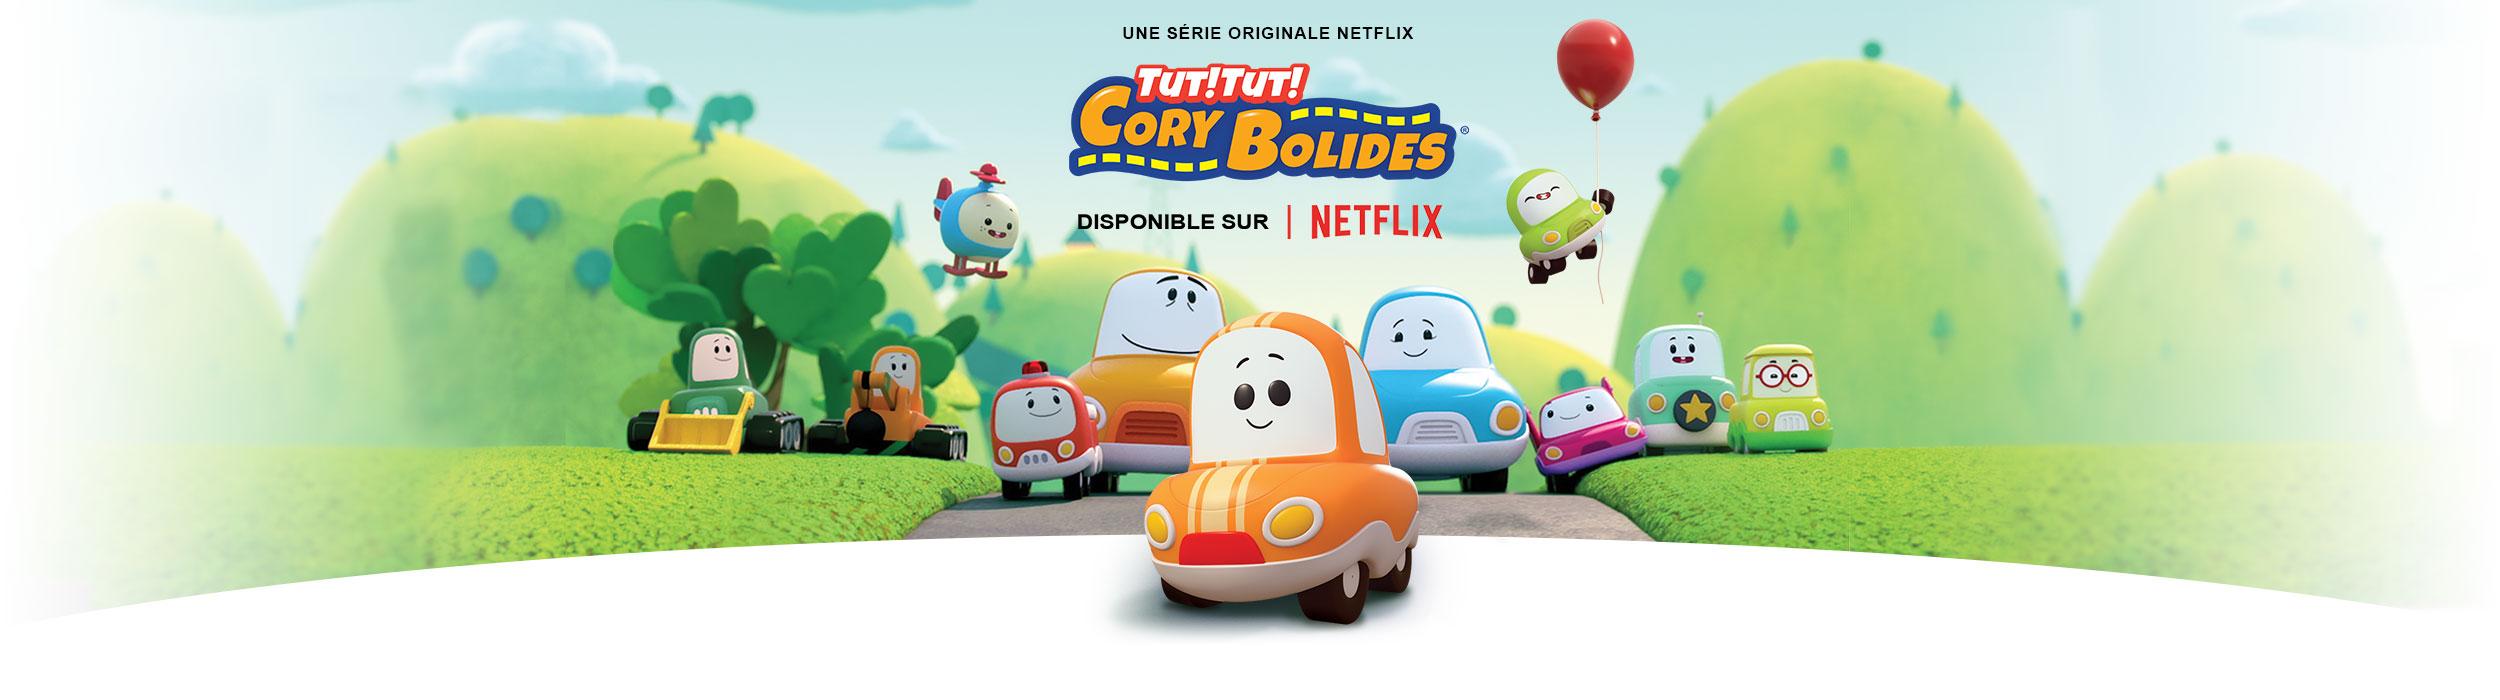 Série Netflix Tut Tut Cory Bolides